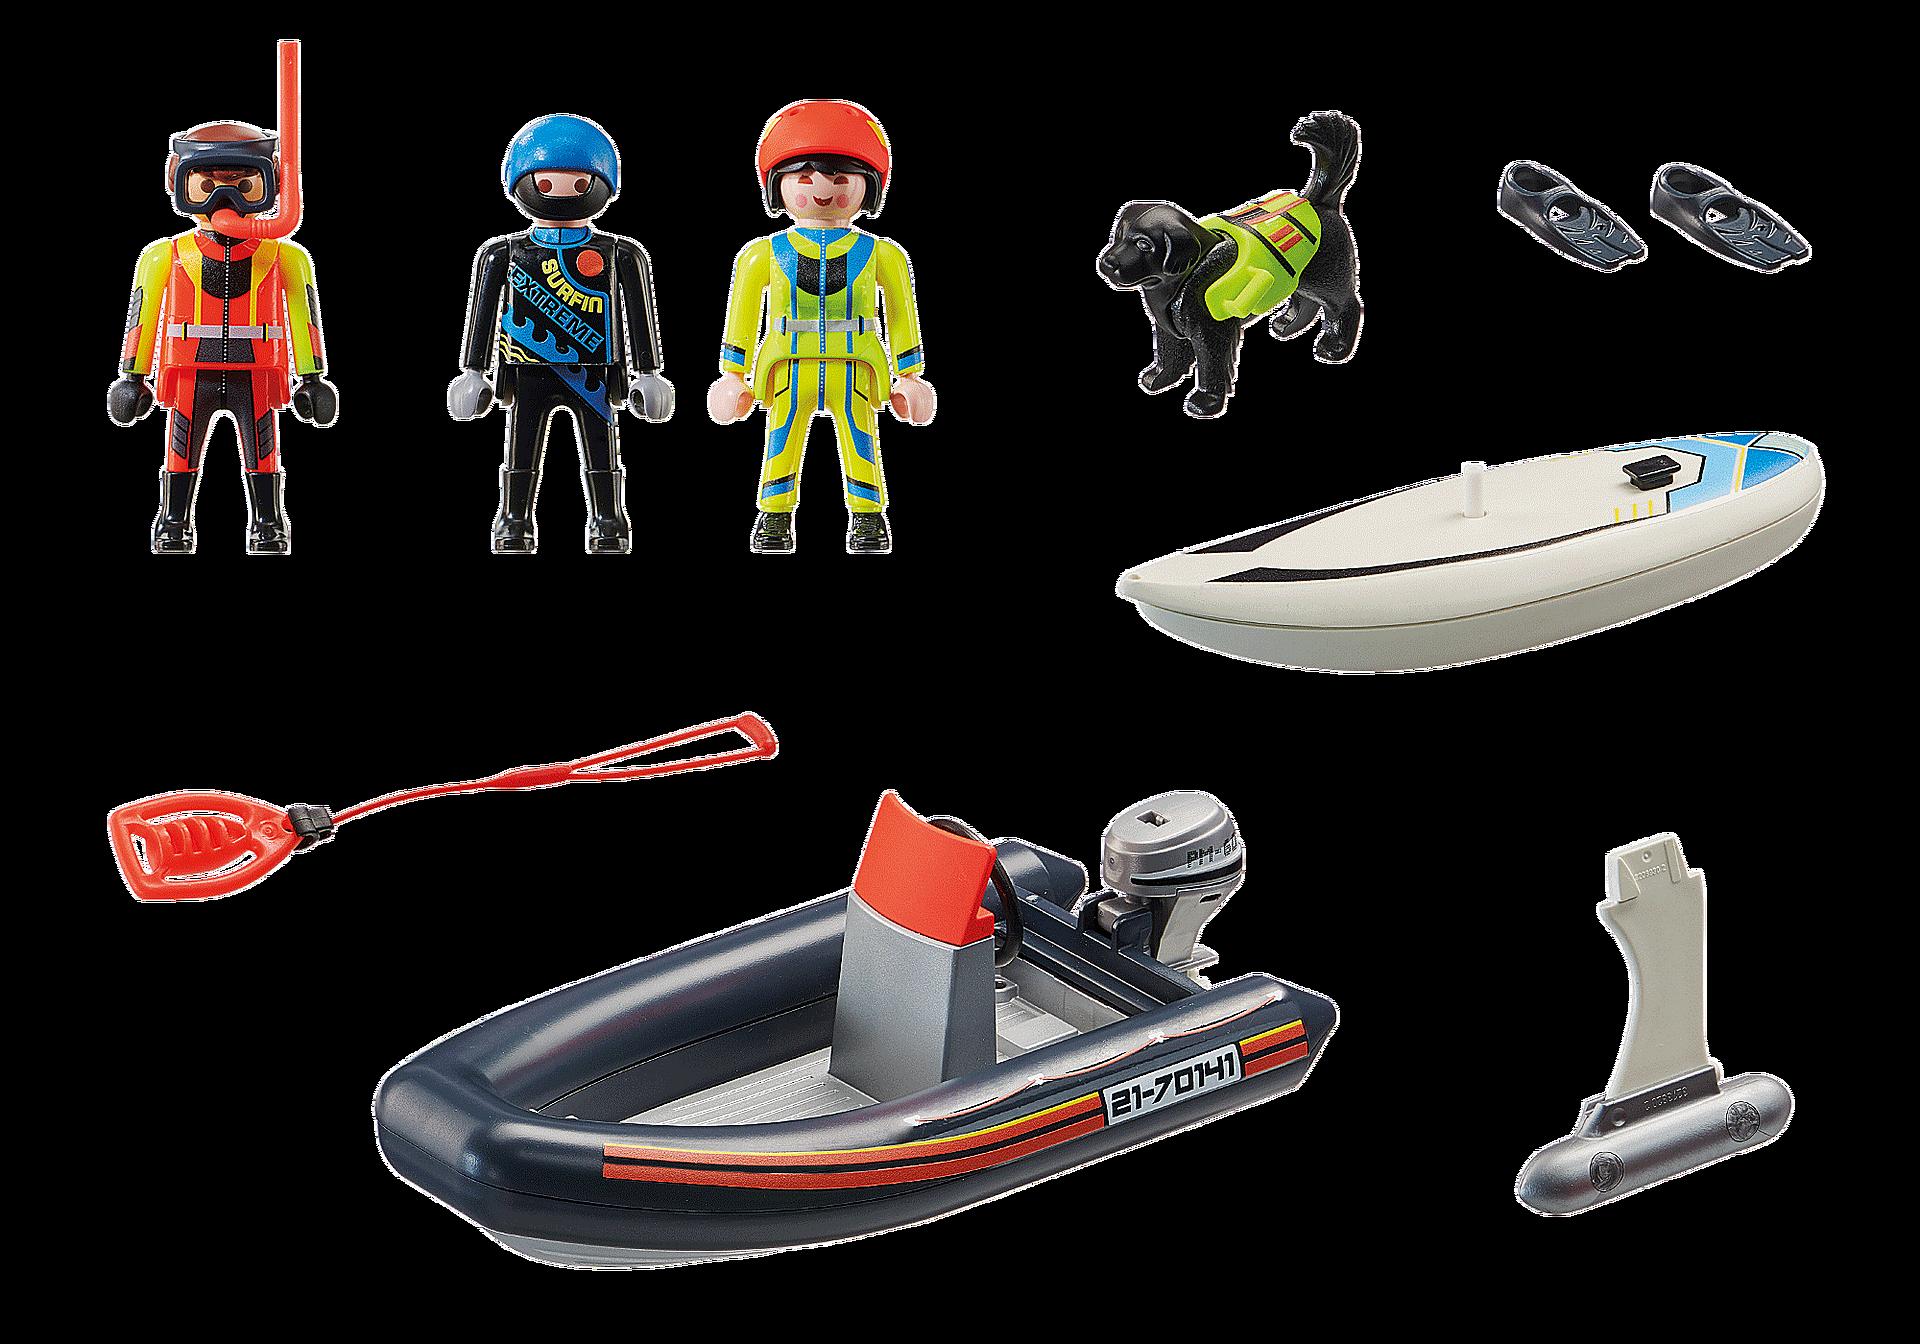 70141 Skibsredning: Polarsejler-redning med gummibåd zoom image3